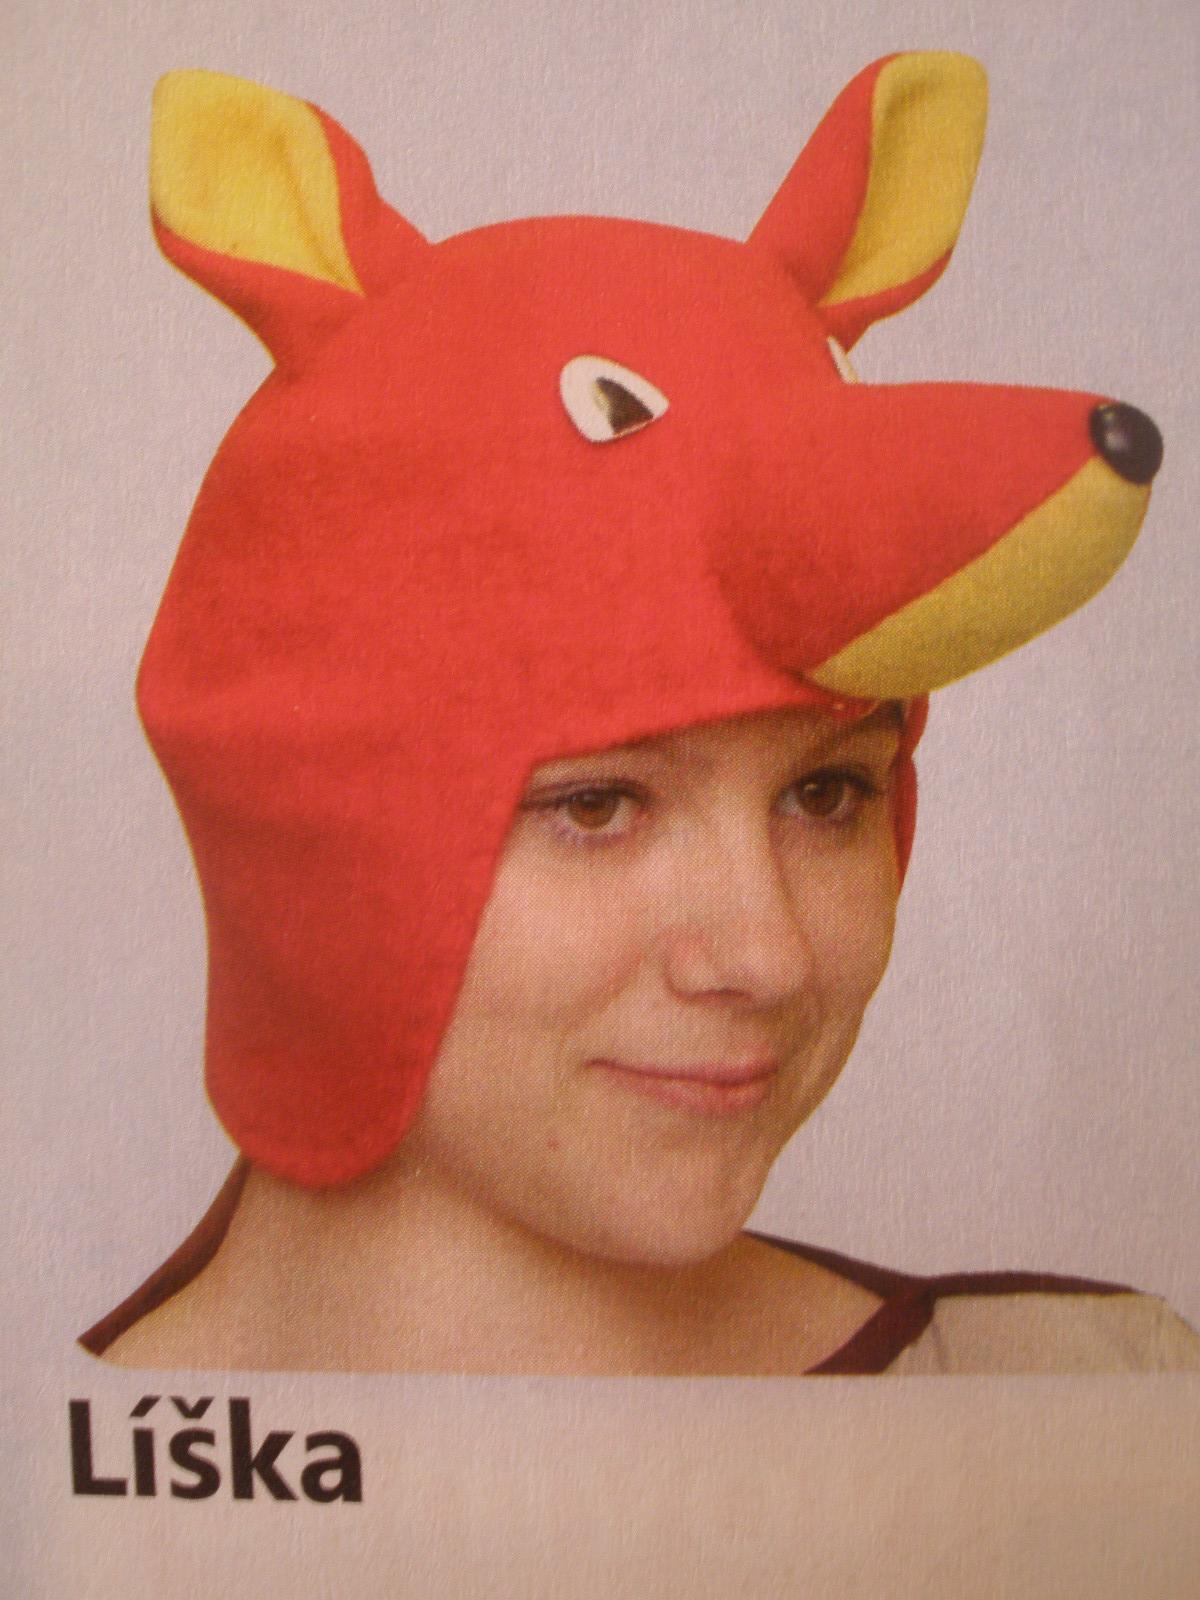 Rozprávkové karnevalové čiapky = pre 5-6 ročné deti, 10 ks, lienka,Mravec, čert,  vrana, líška, červená čiapočka, vlk, zajac,gašparko